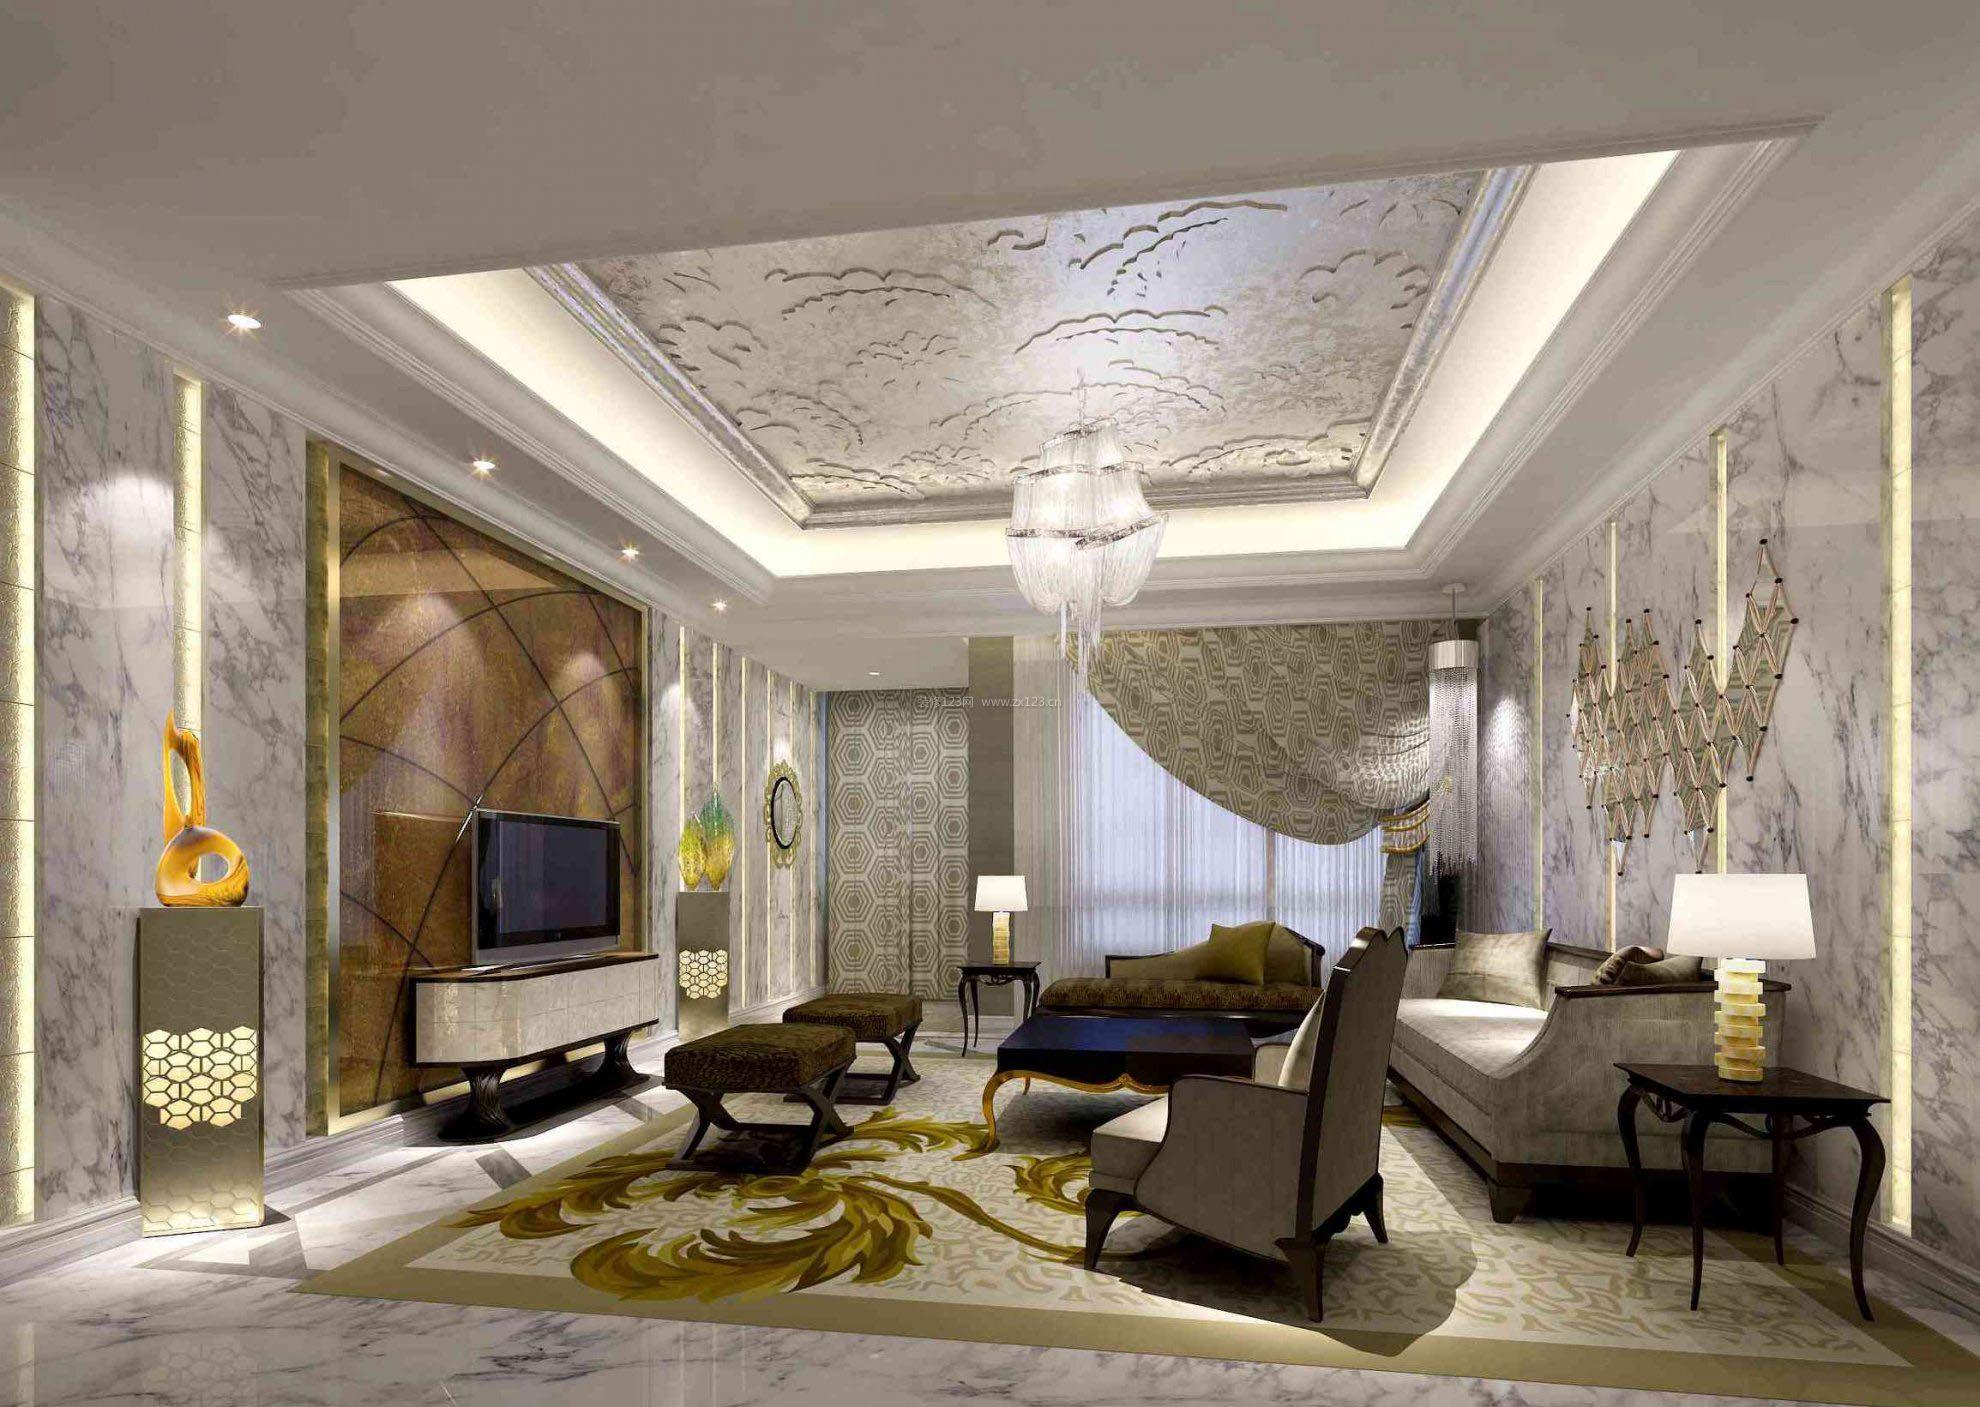 客厅顶部雕花吊顶装修效果图